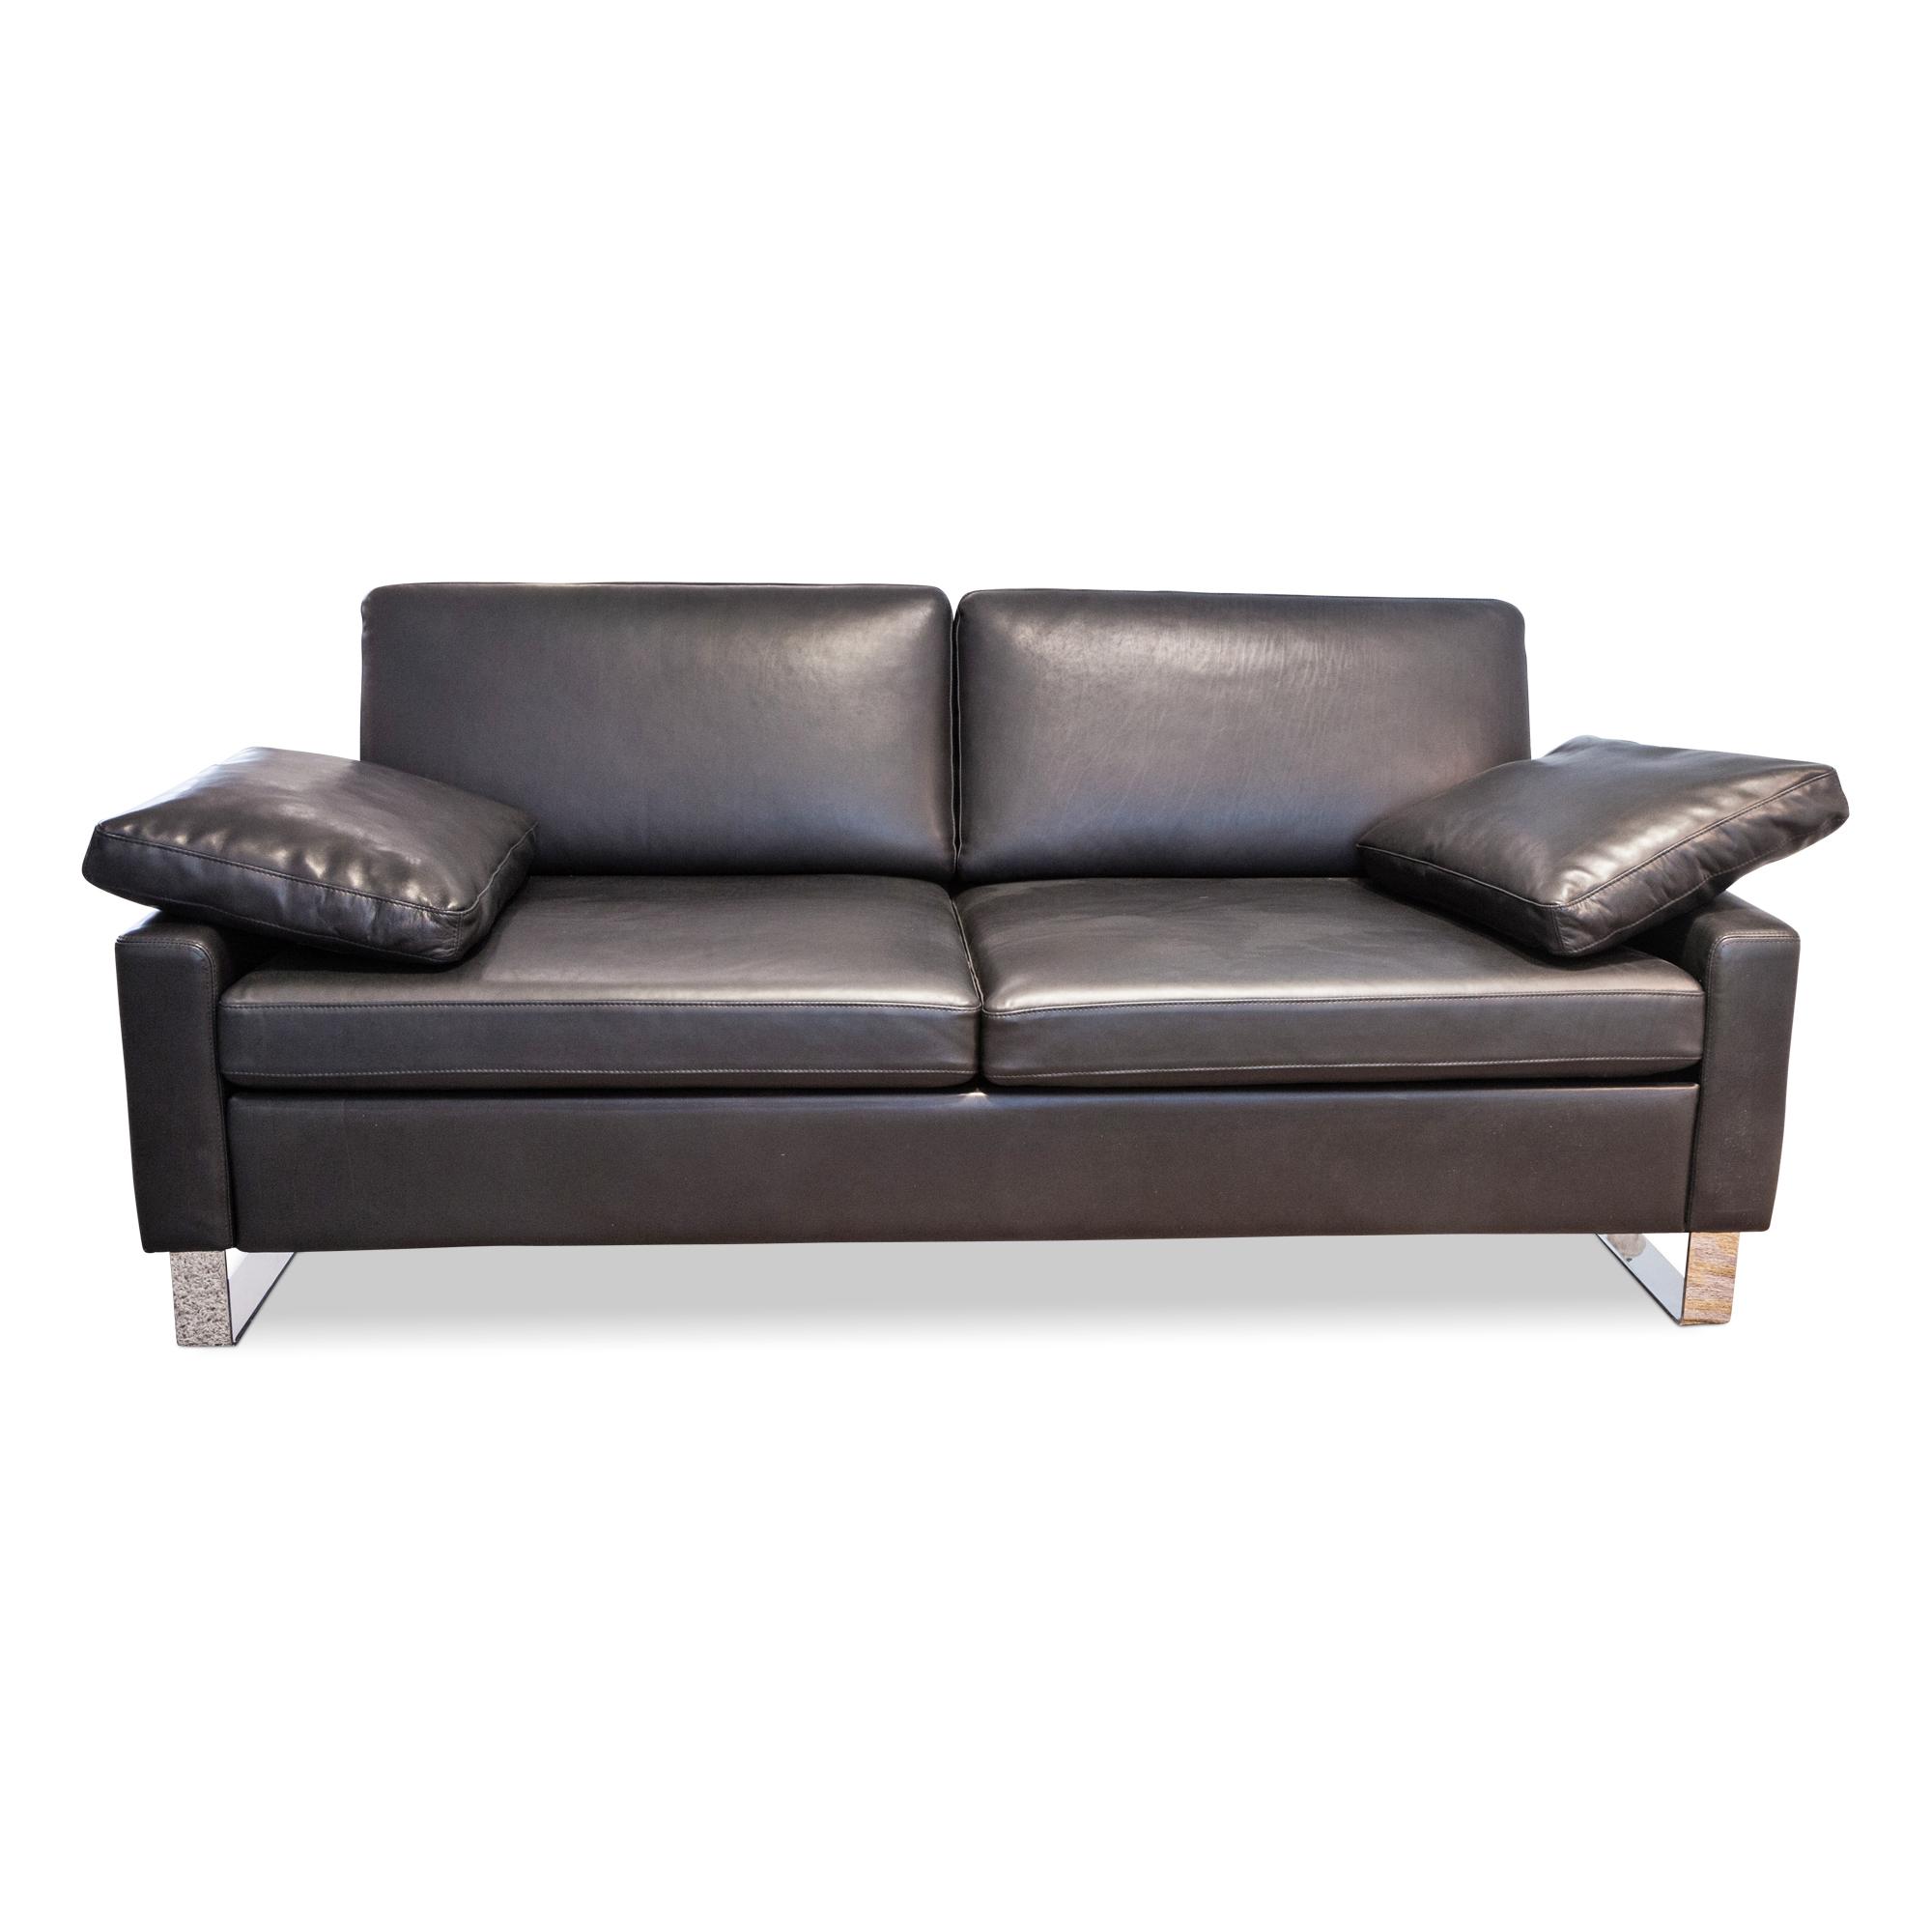 alba br hl sofas g nstig kaufen m belfirst. Black Bedroom Furniture Sets. Home Design Ideas